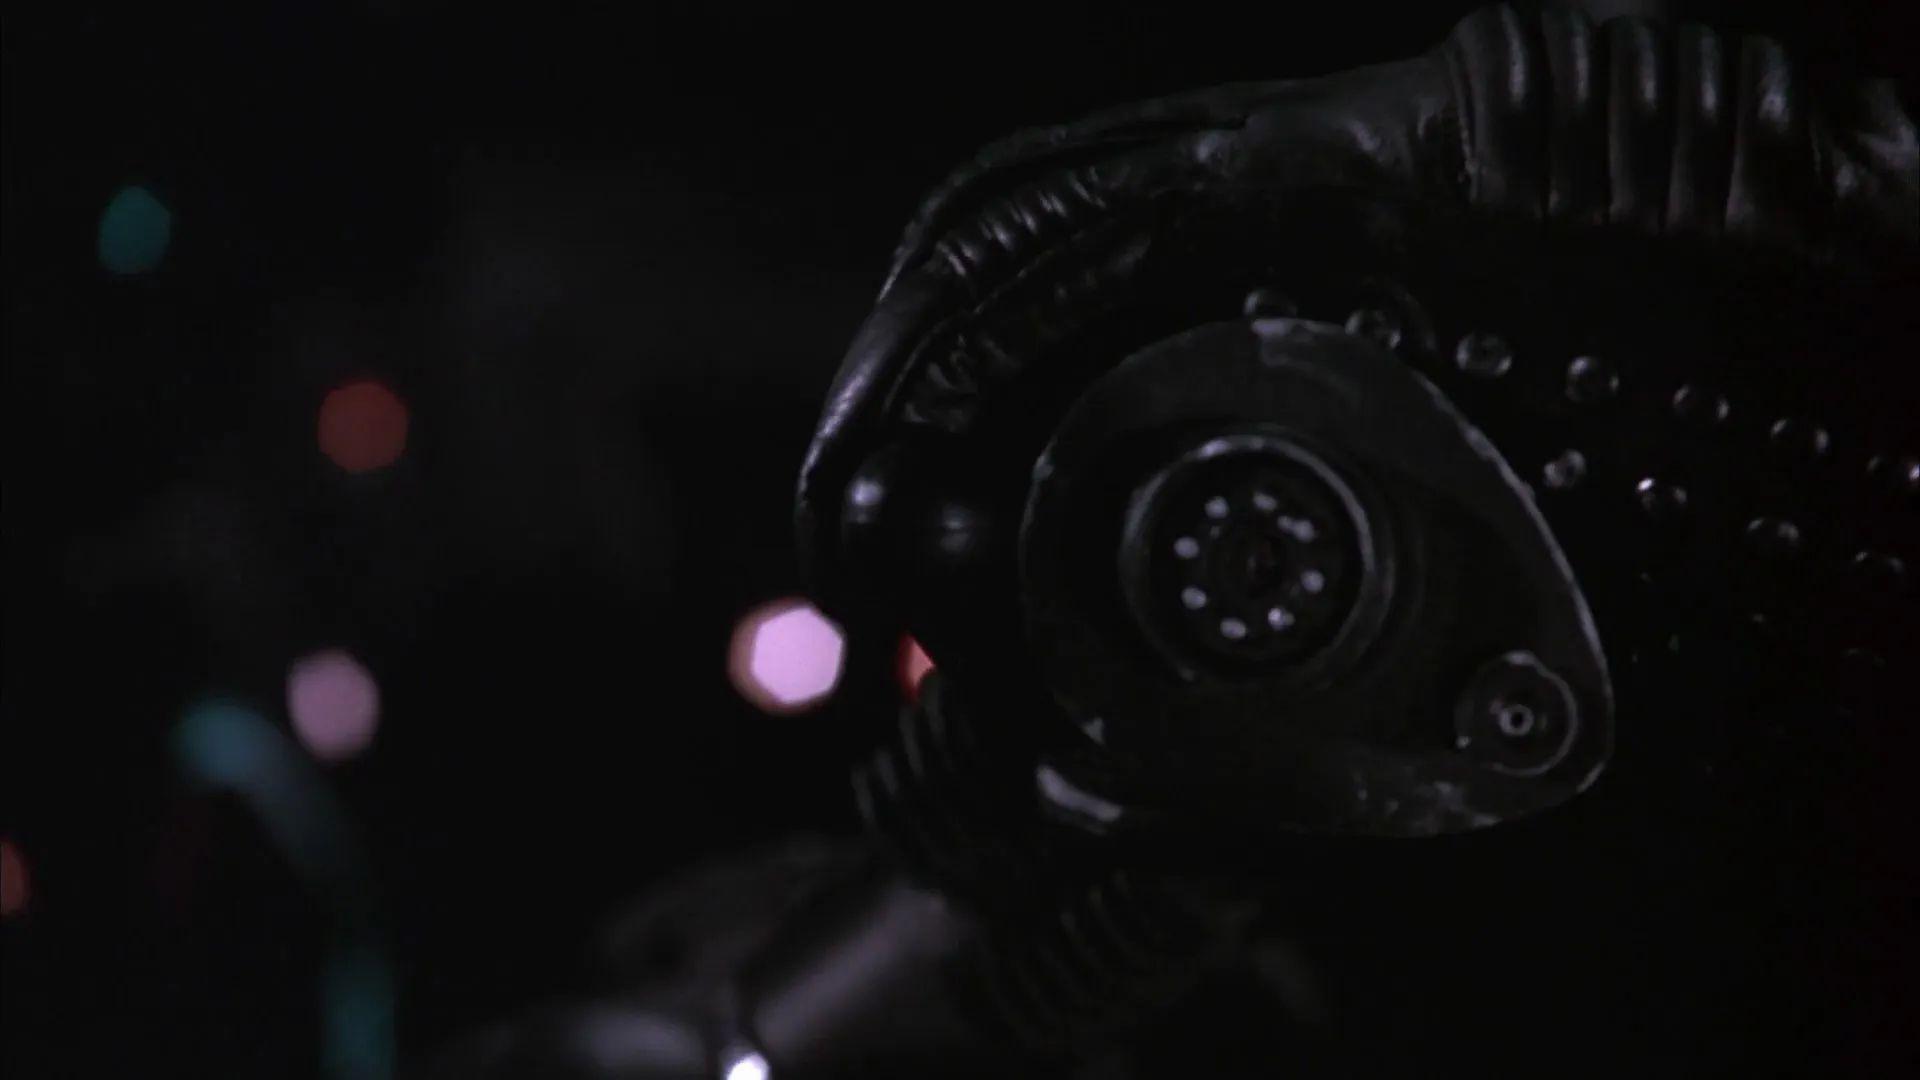 batman-movie-screencaps.com-11996.jpg